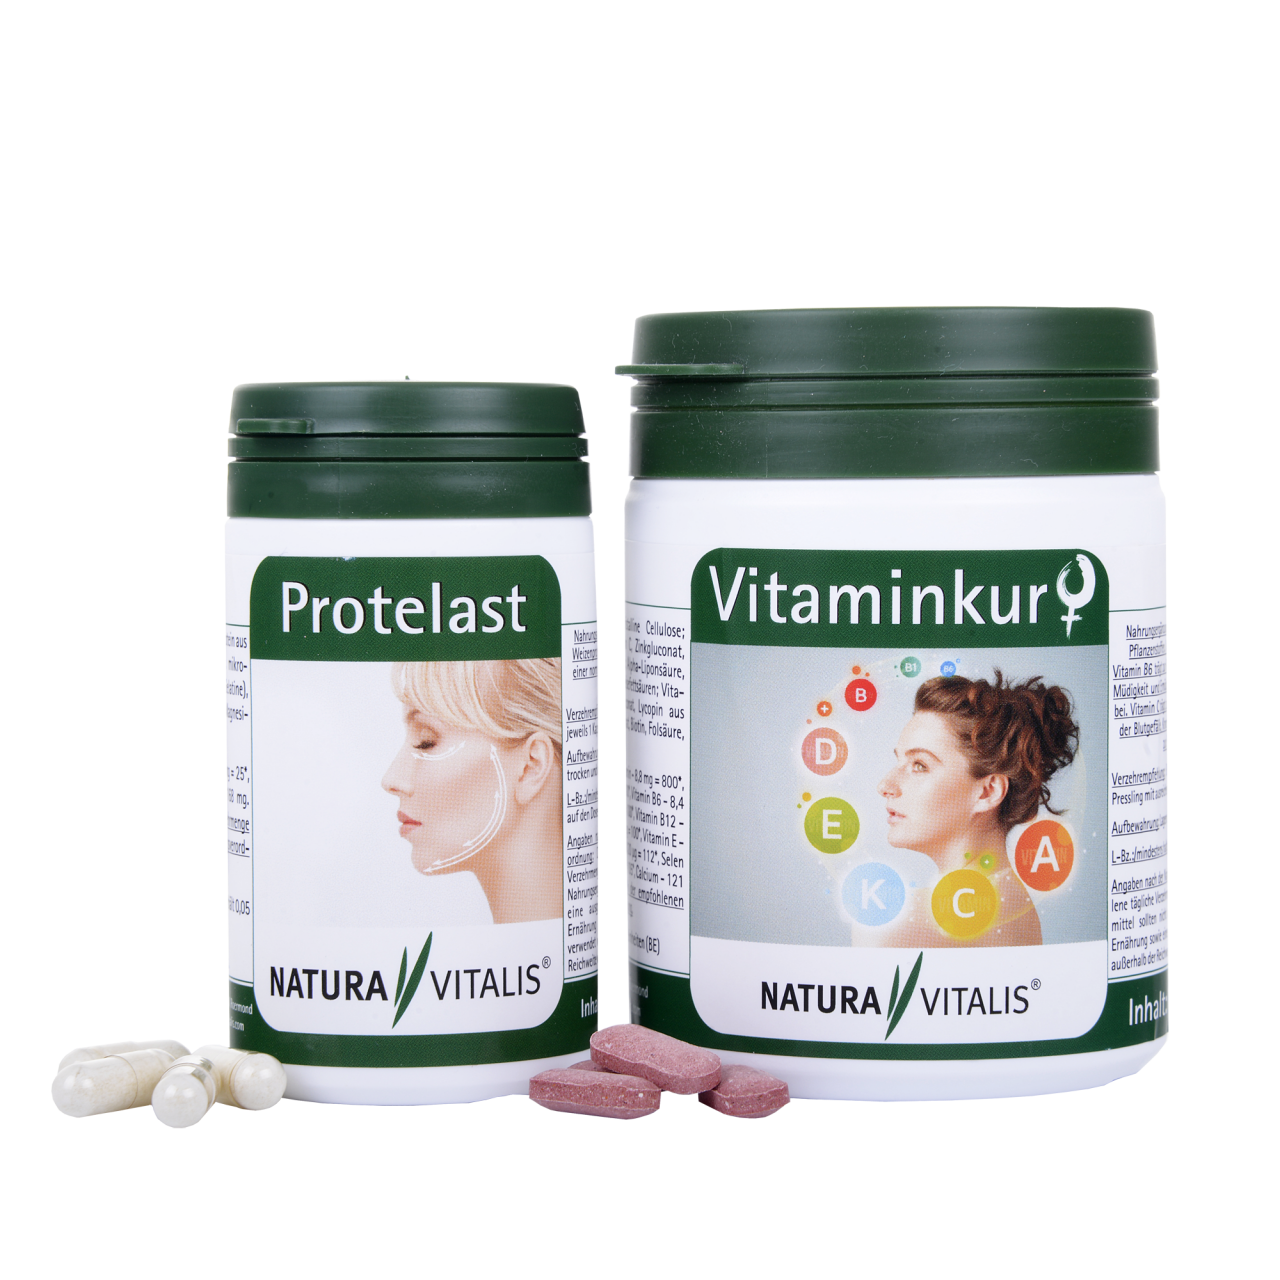 1536843260_vitaminkurfrauplusprotelastkopie-1440519160.png